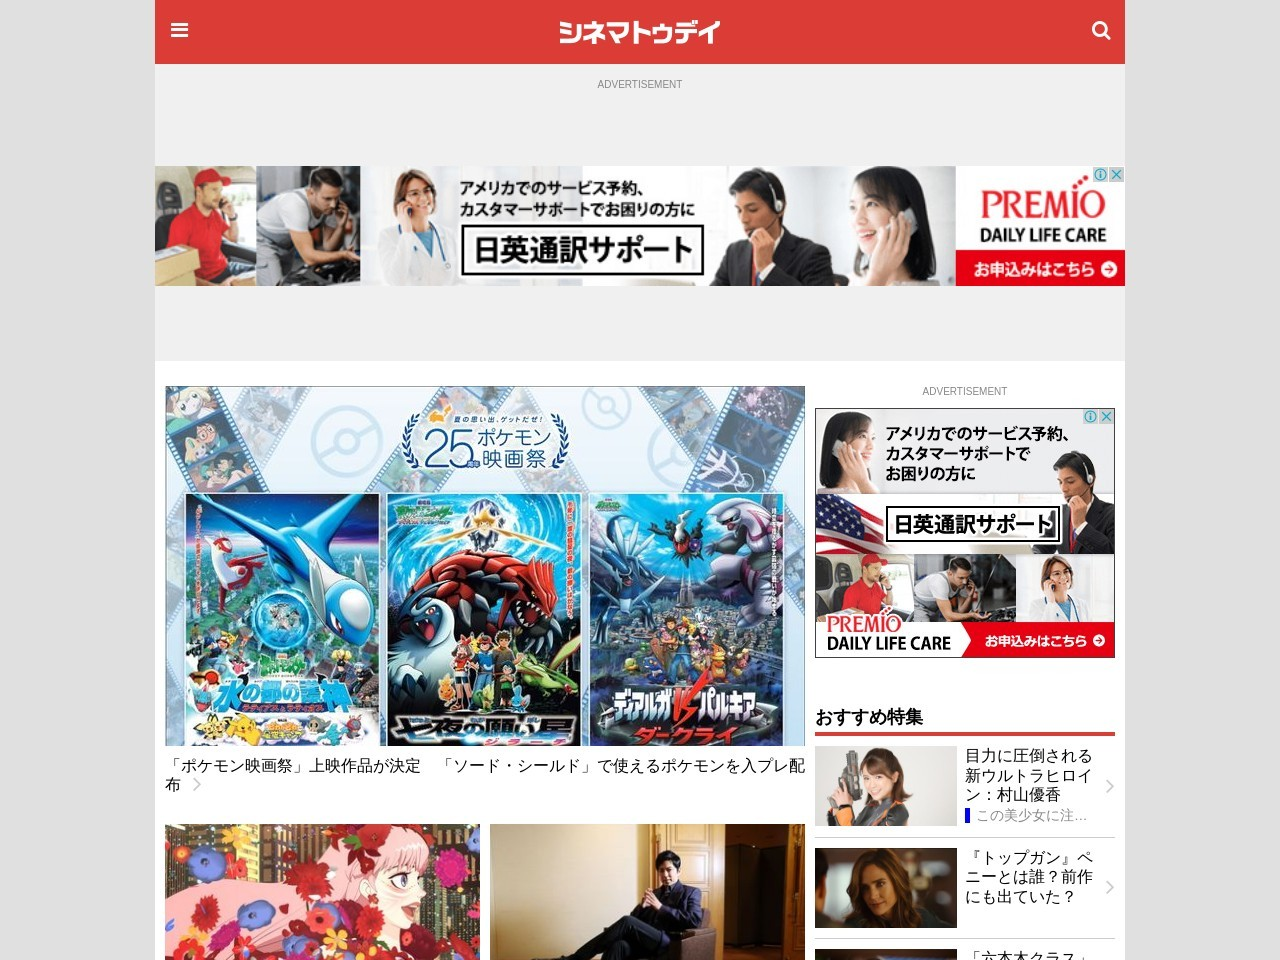 菅田将暉、2019年上半期人気俳優No.1!映画ランキングも発表 – Filmarks調べ